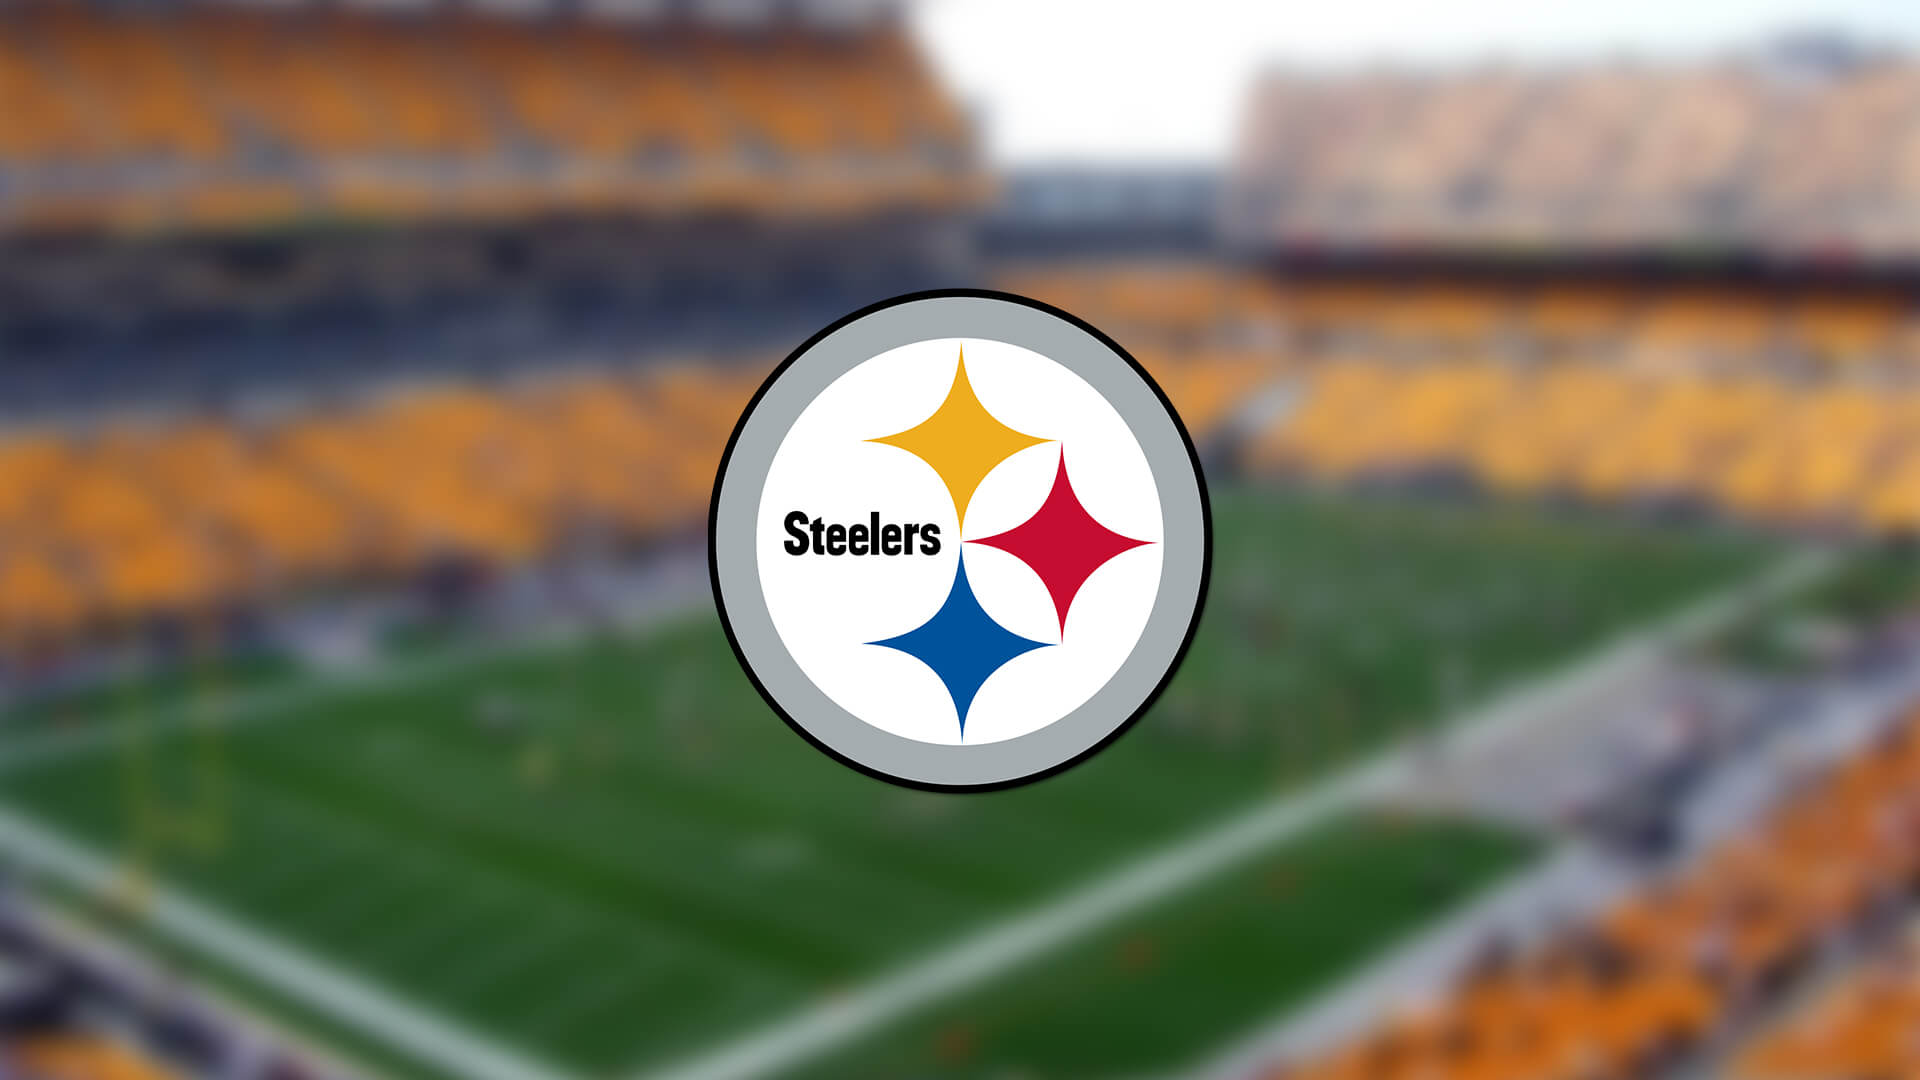 Pittsburgh Steelers Taraftarlara Kapılarını Açıyor | Korumalı Futbol Türkiye